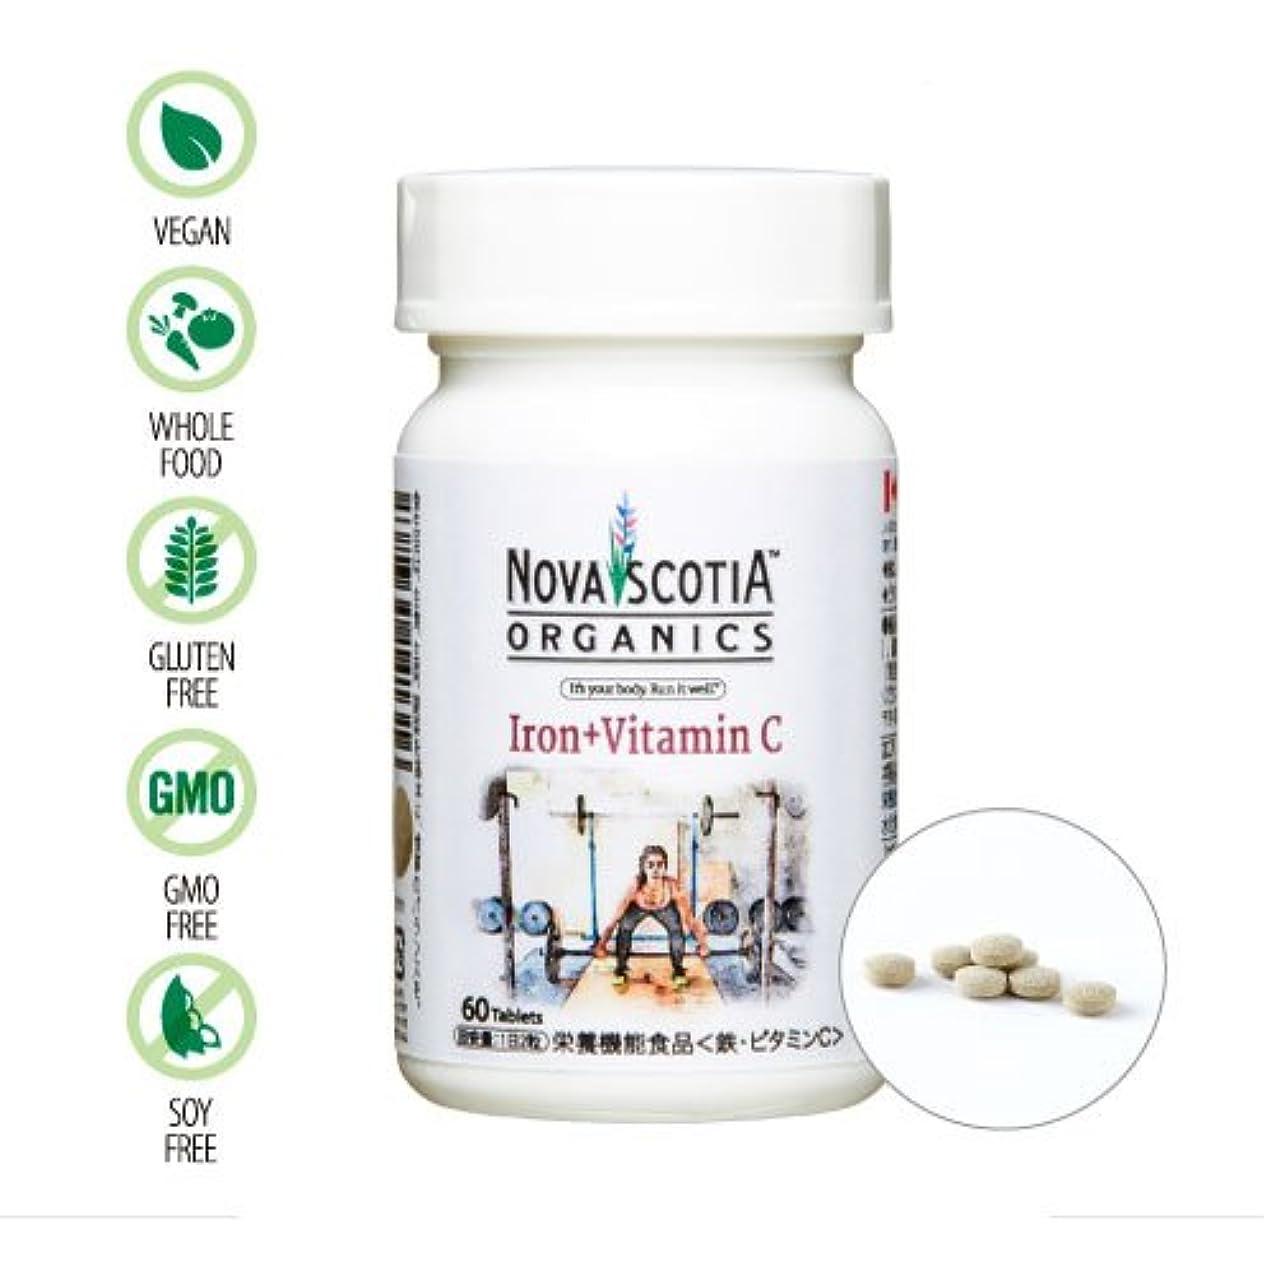 なので支配する個人的なノバスコシアオーガニックス 鉄分+ビタミンC